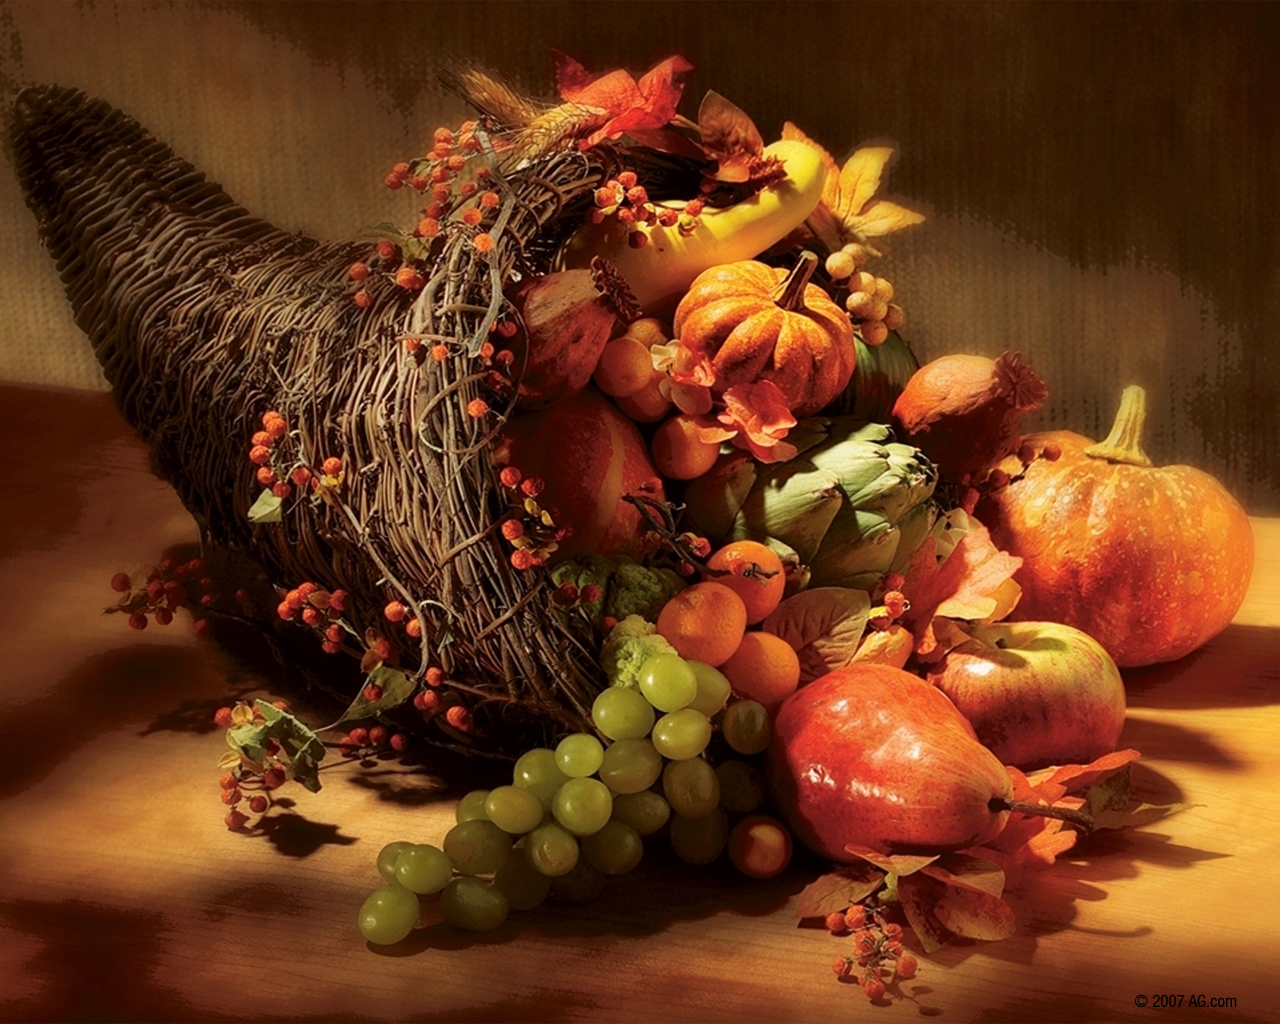 Bienvenidos al nuevo foro de apoyo a Noe #221 / 06.02.15 ~ 08.02.15 - Página 37 Religious-thanksgiving-images